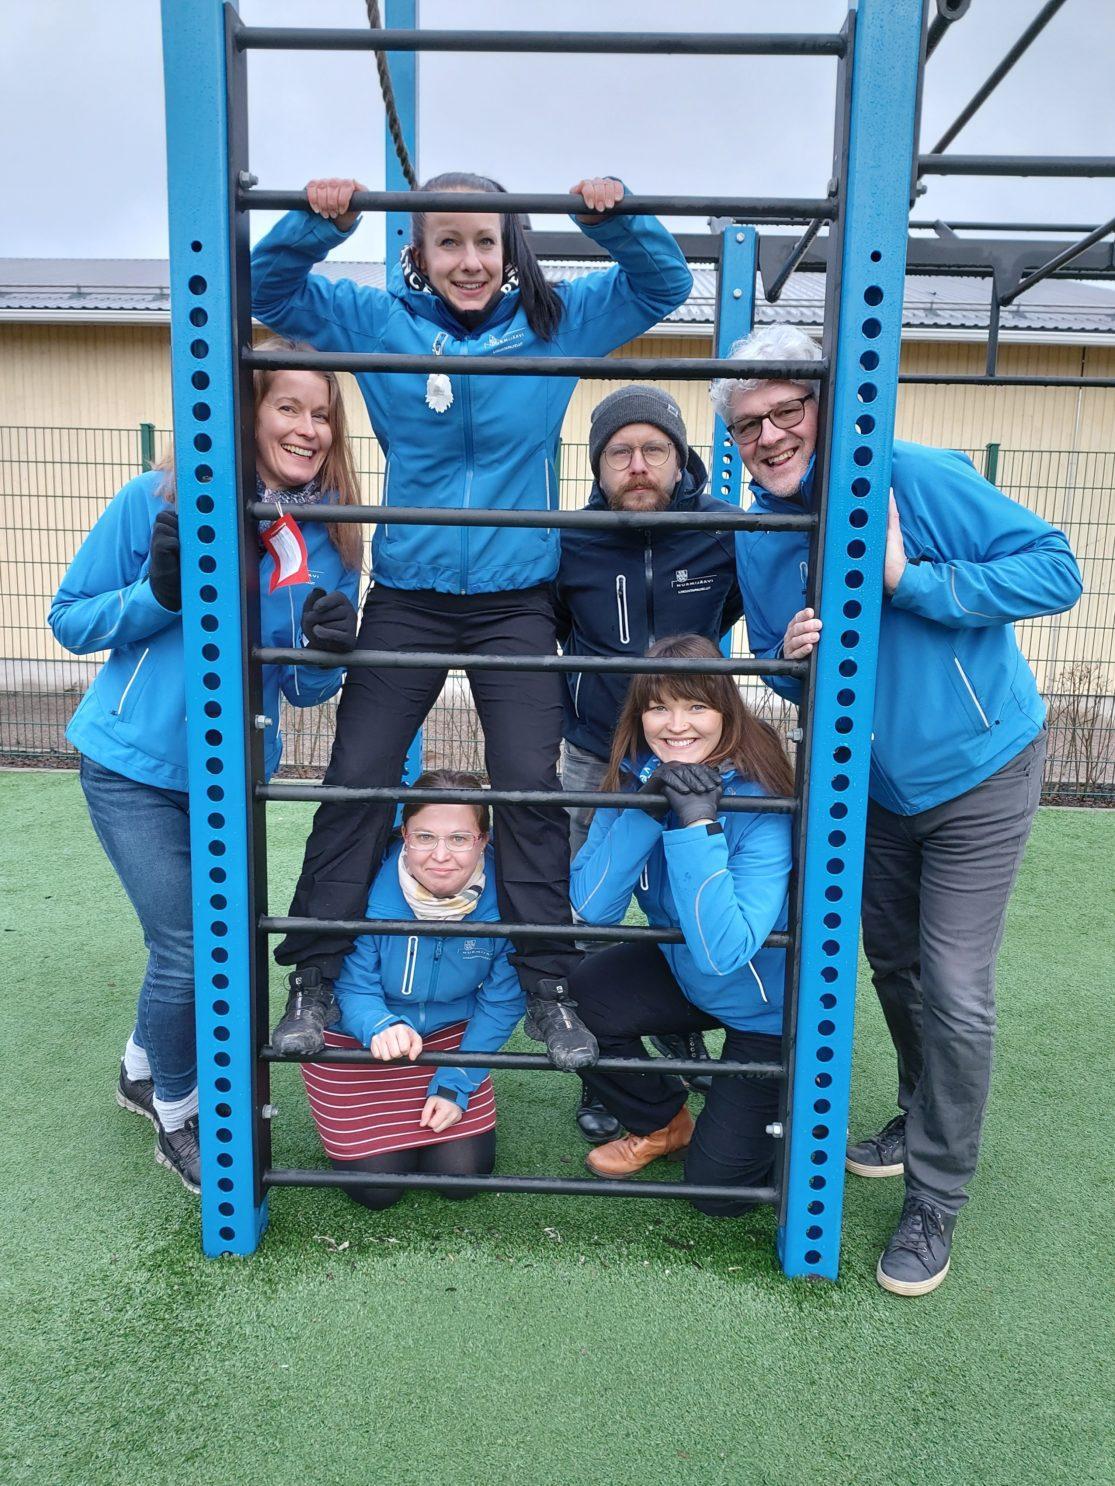 Liikuntapalveluiden työntekijät: Jonna S., Heli, Jonna K., Toni, Petra ja Antero